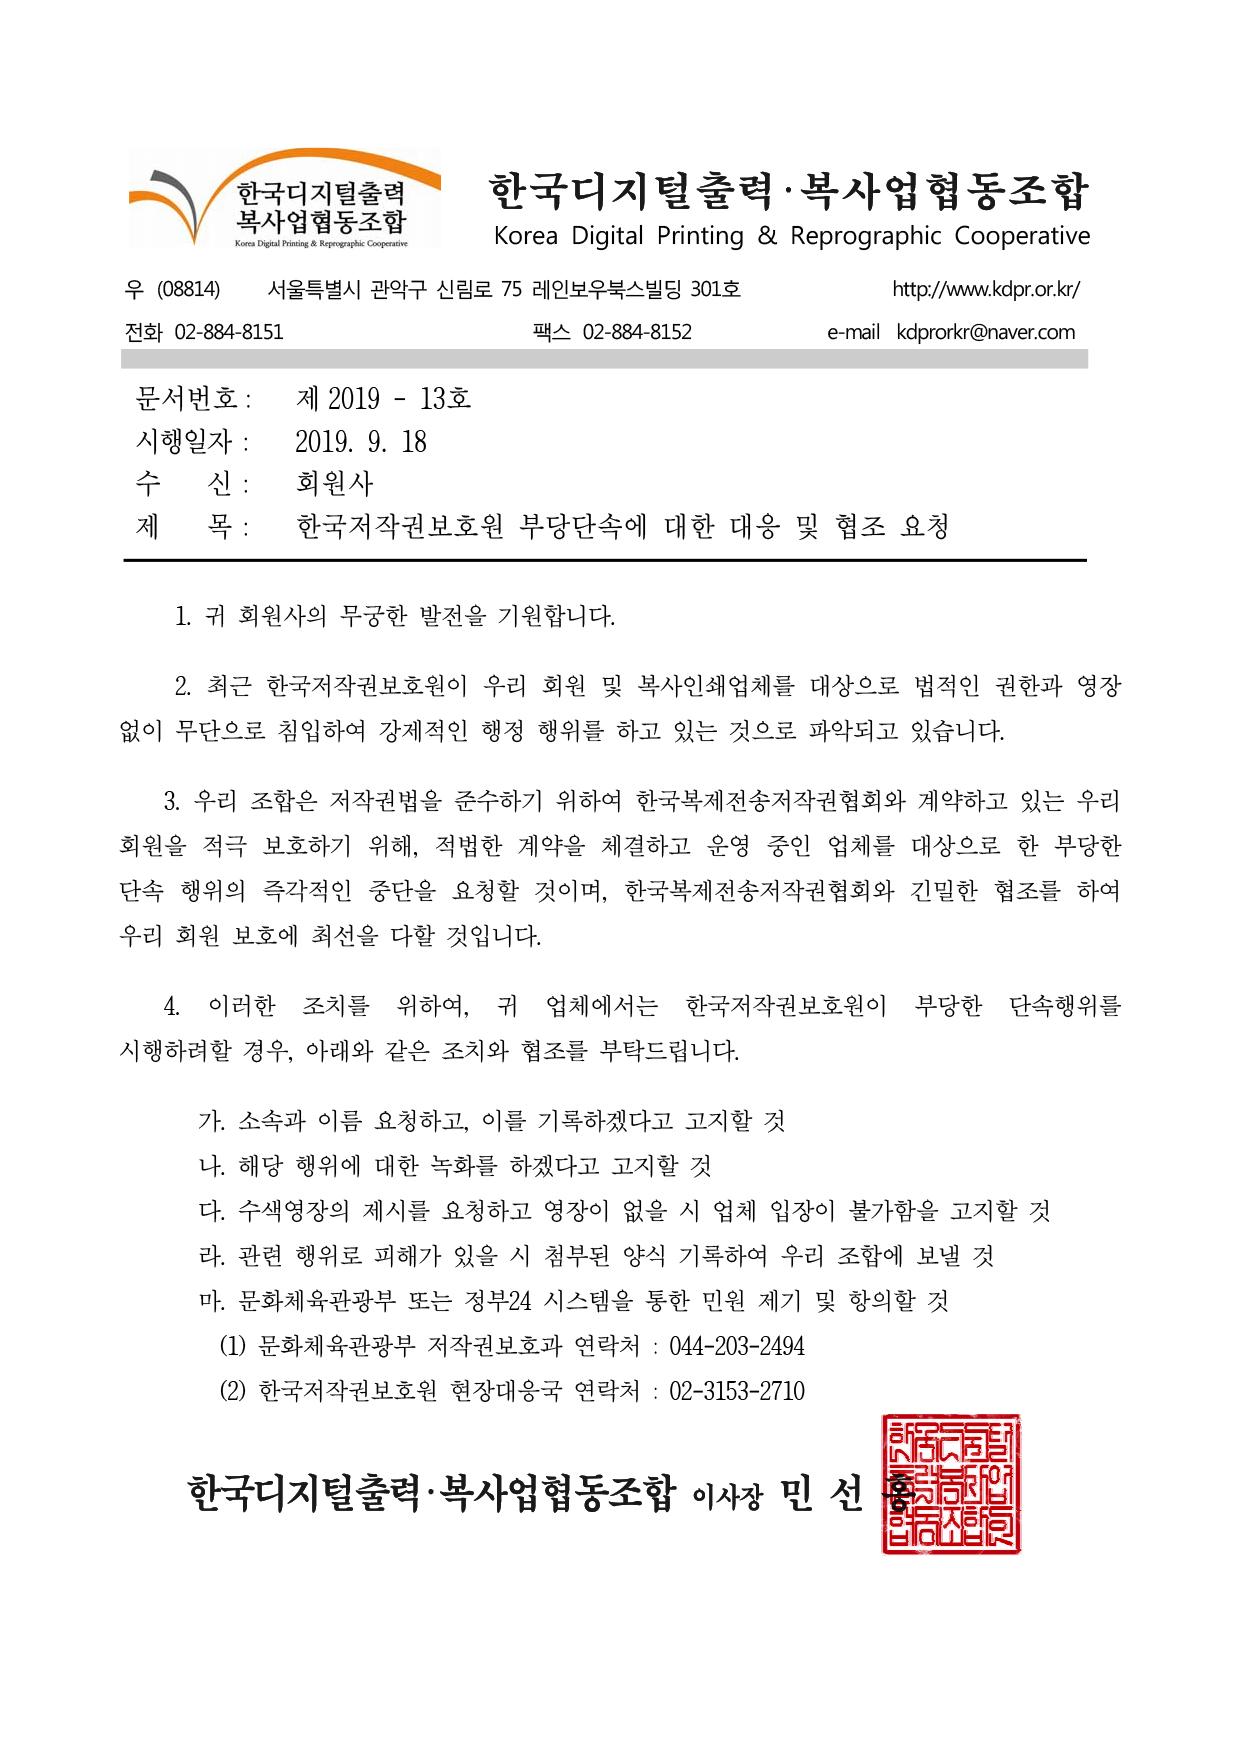 수정공문_회원사용-1.jpg